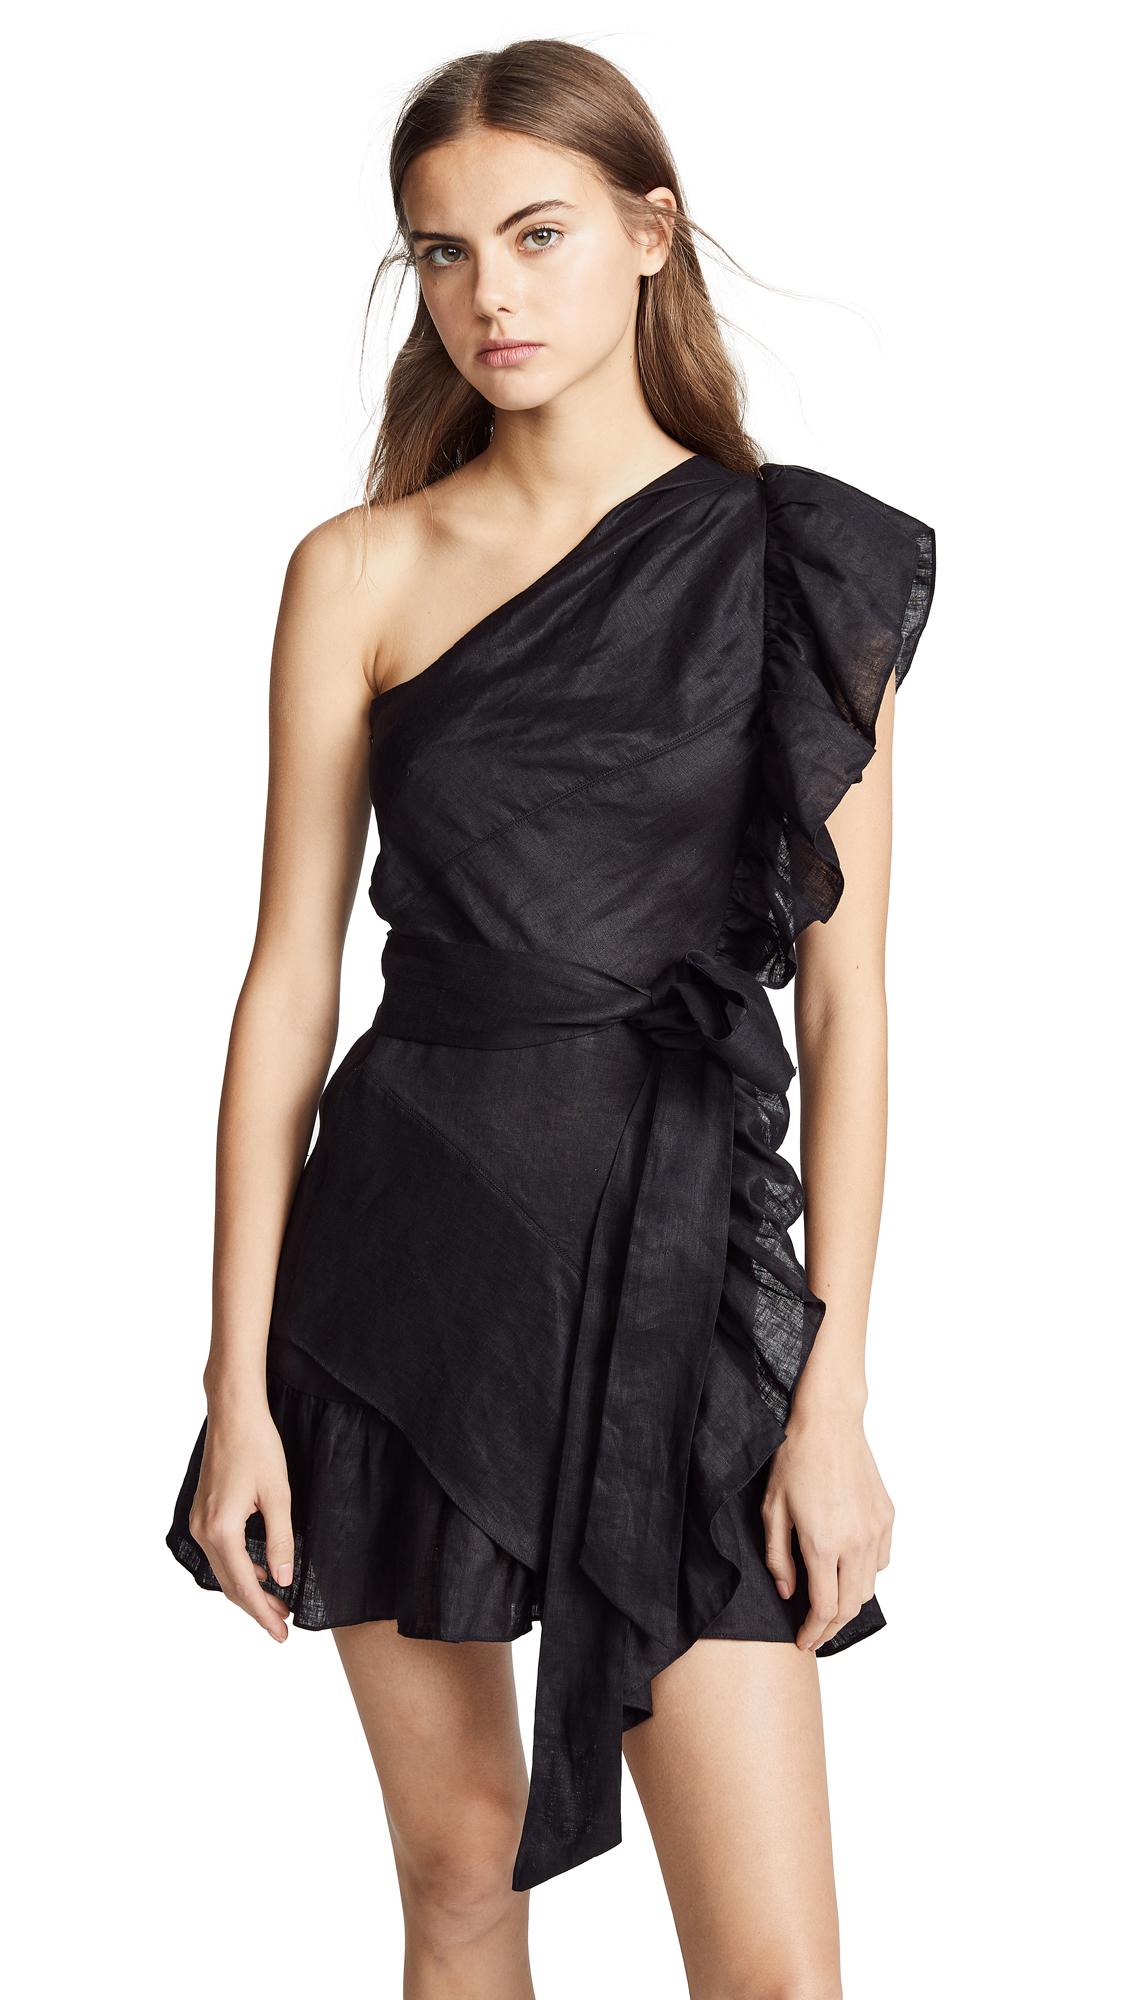 Isabel Marant Etoile Teller Dress - Black